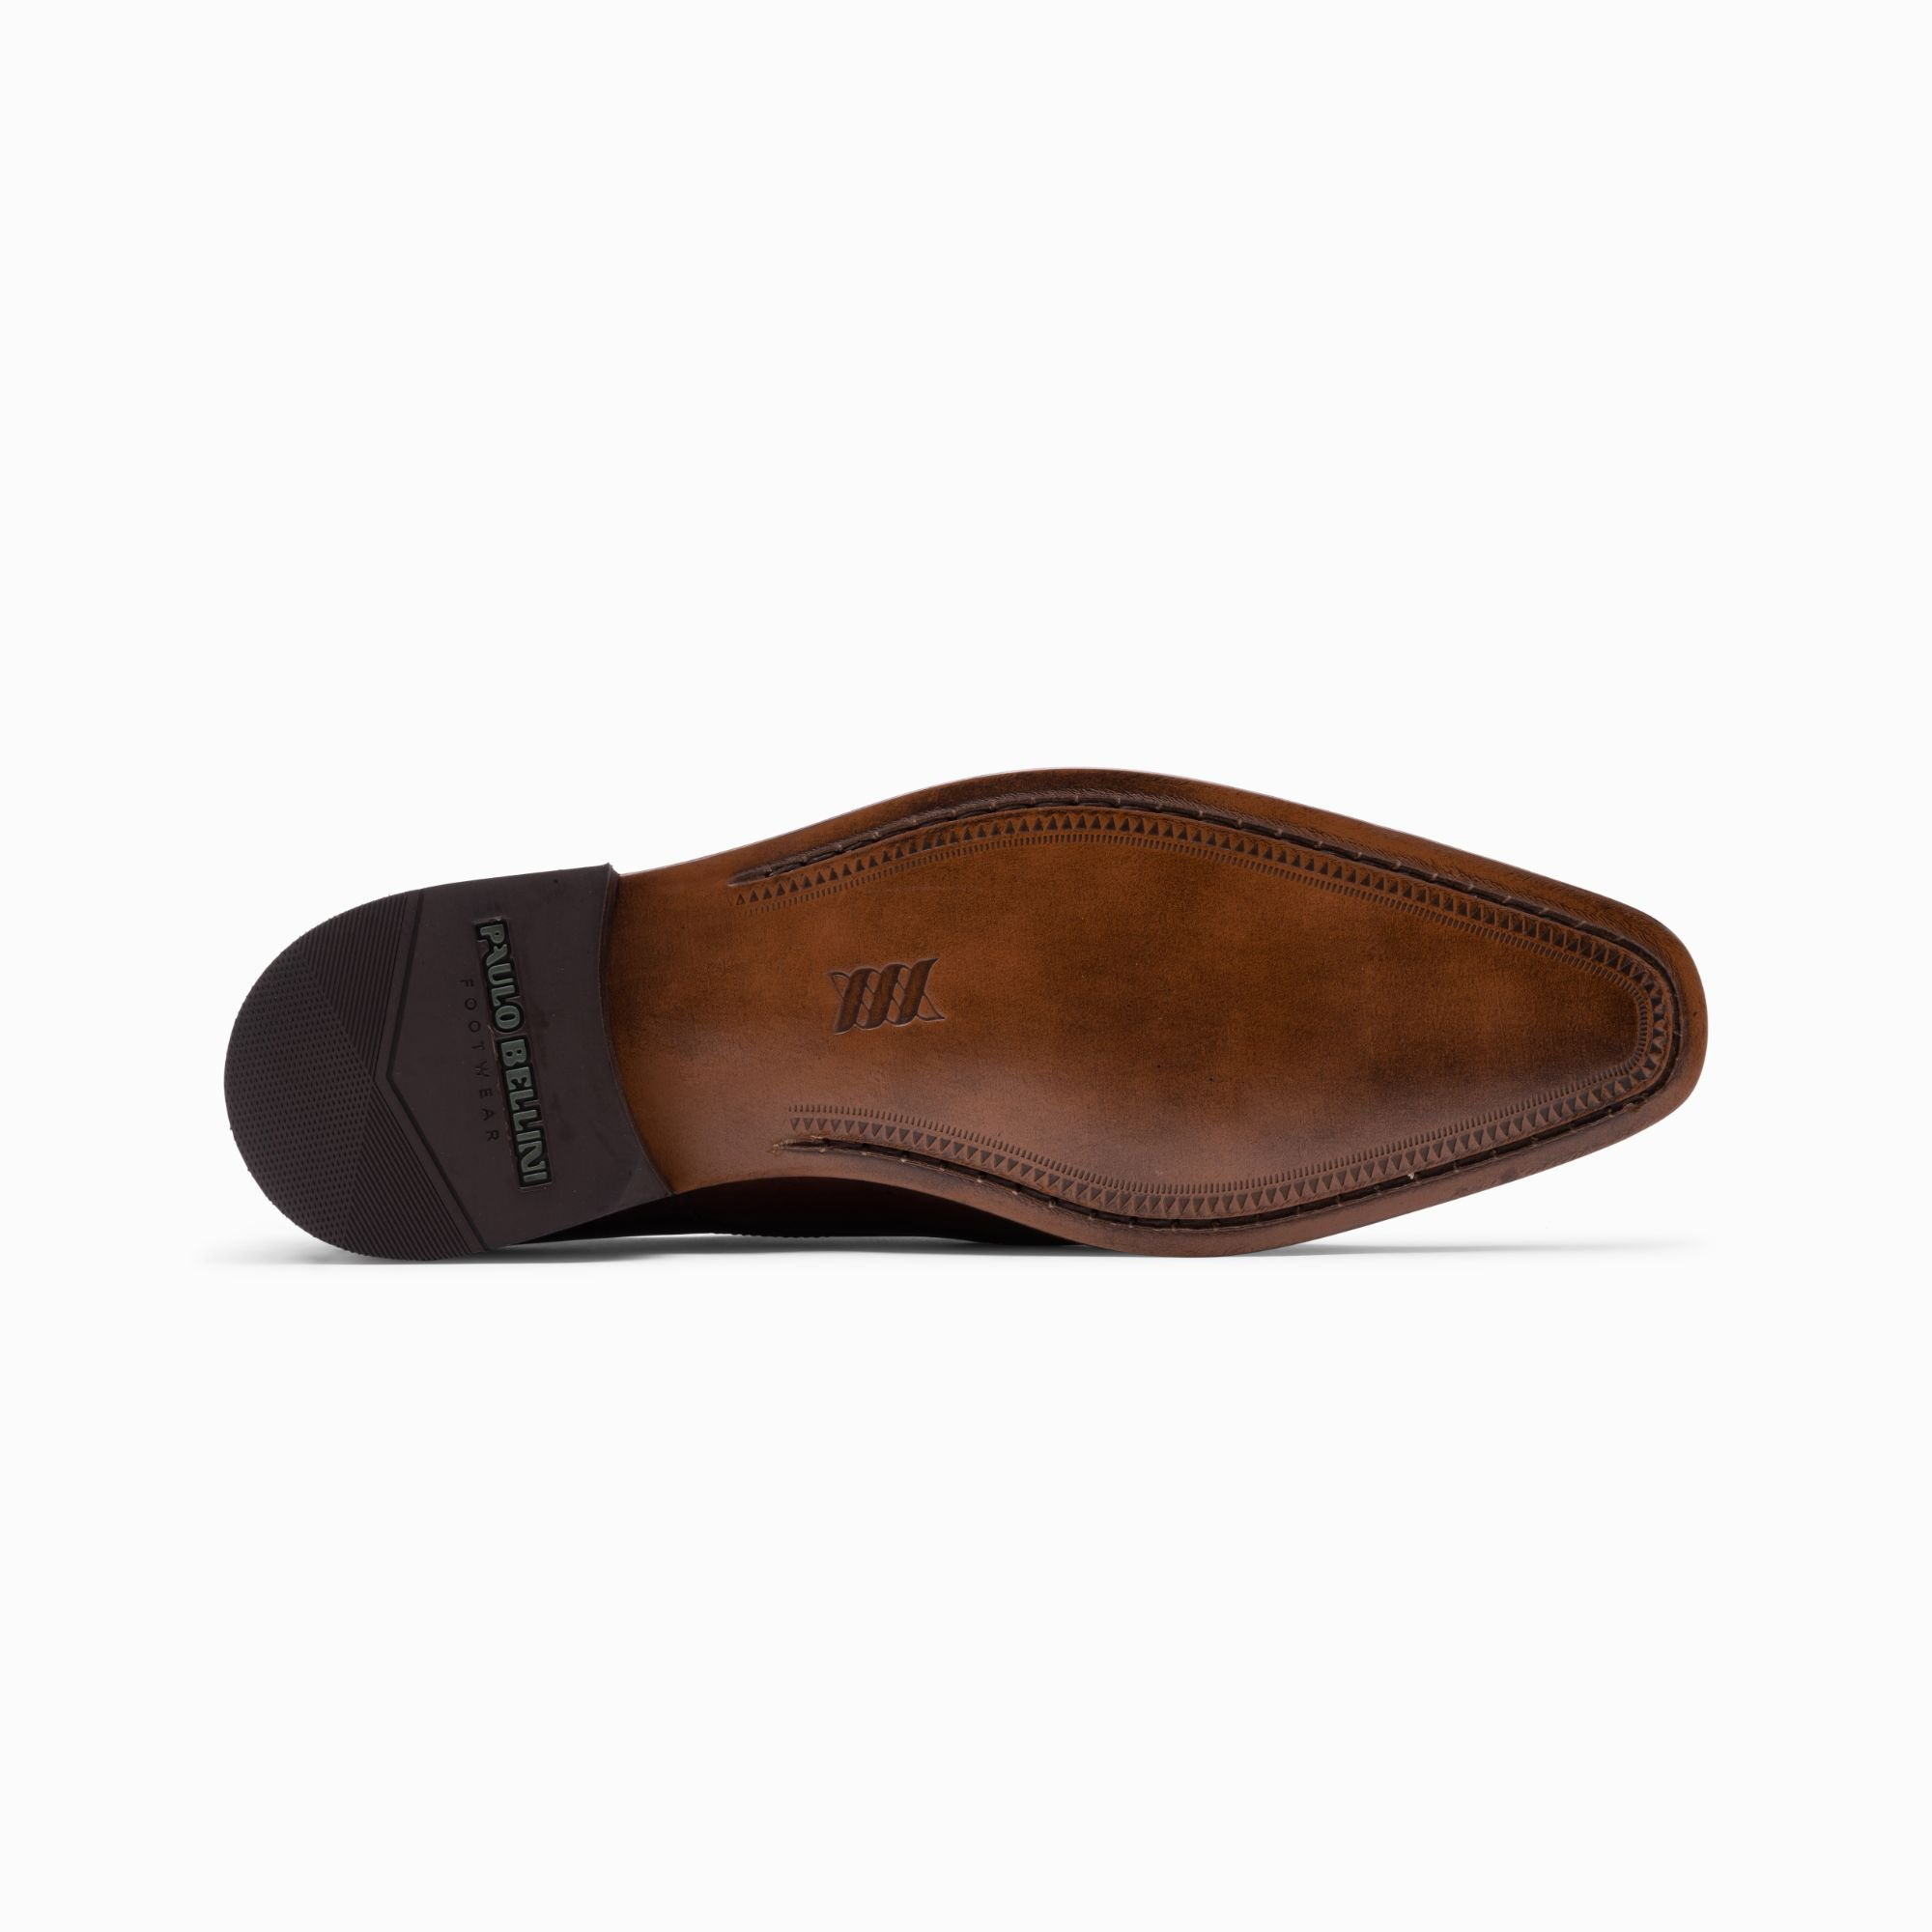 2119-saf-brown-02_04